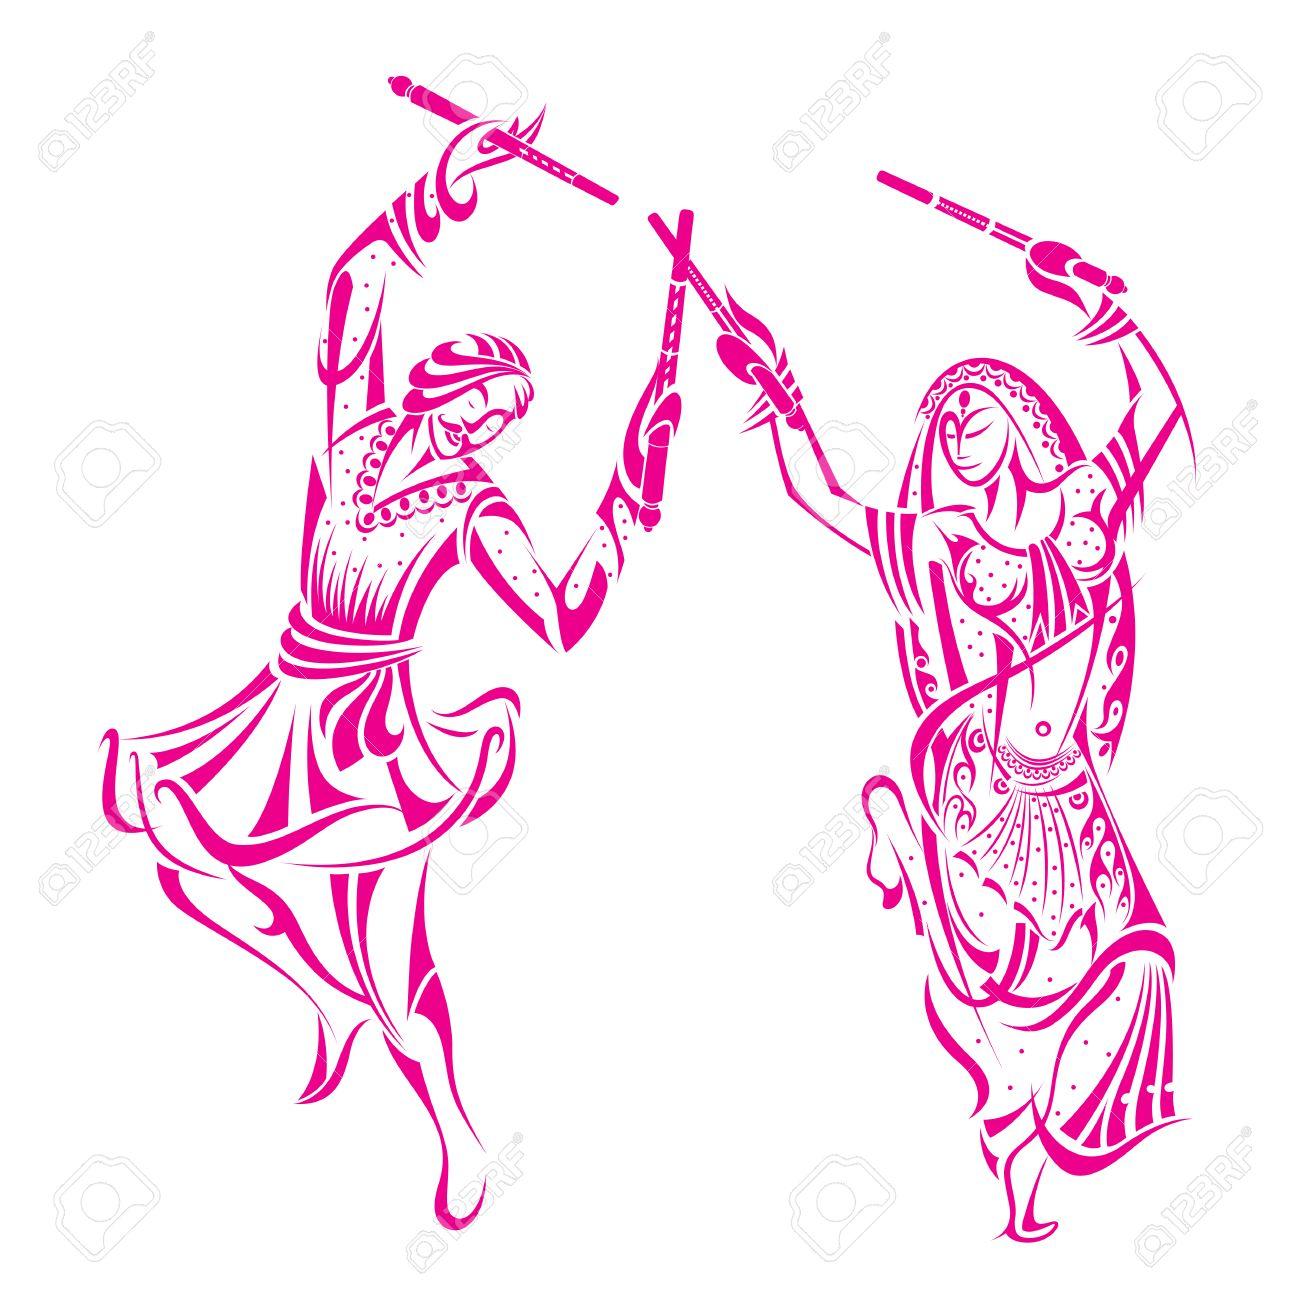 Man And Woman Dancing On Dandiya Night Royalty Free Cliparts.